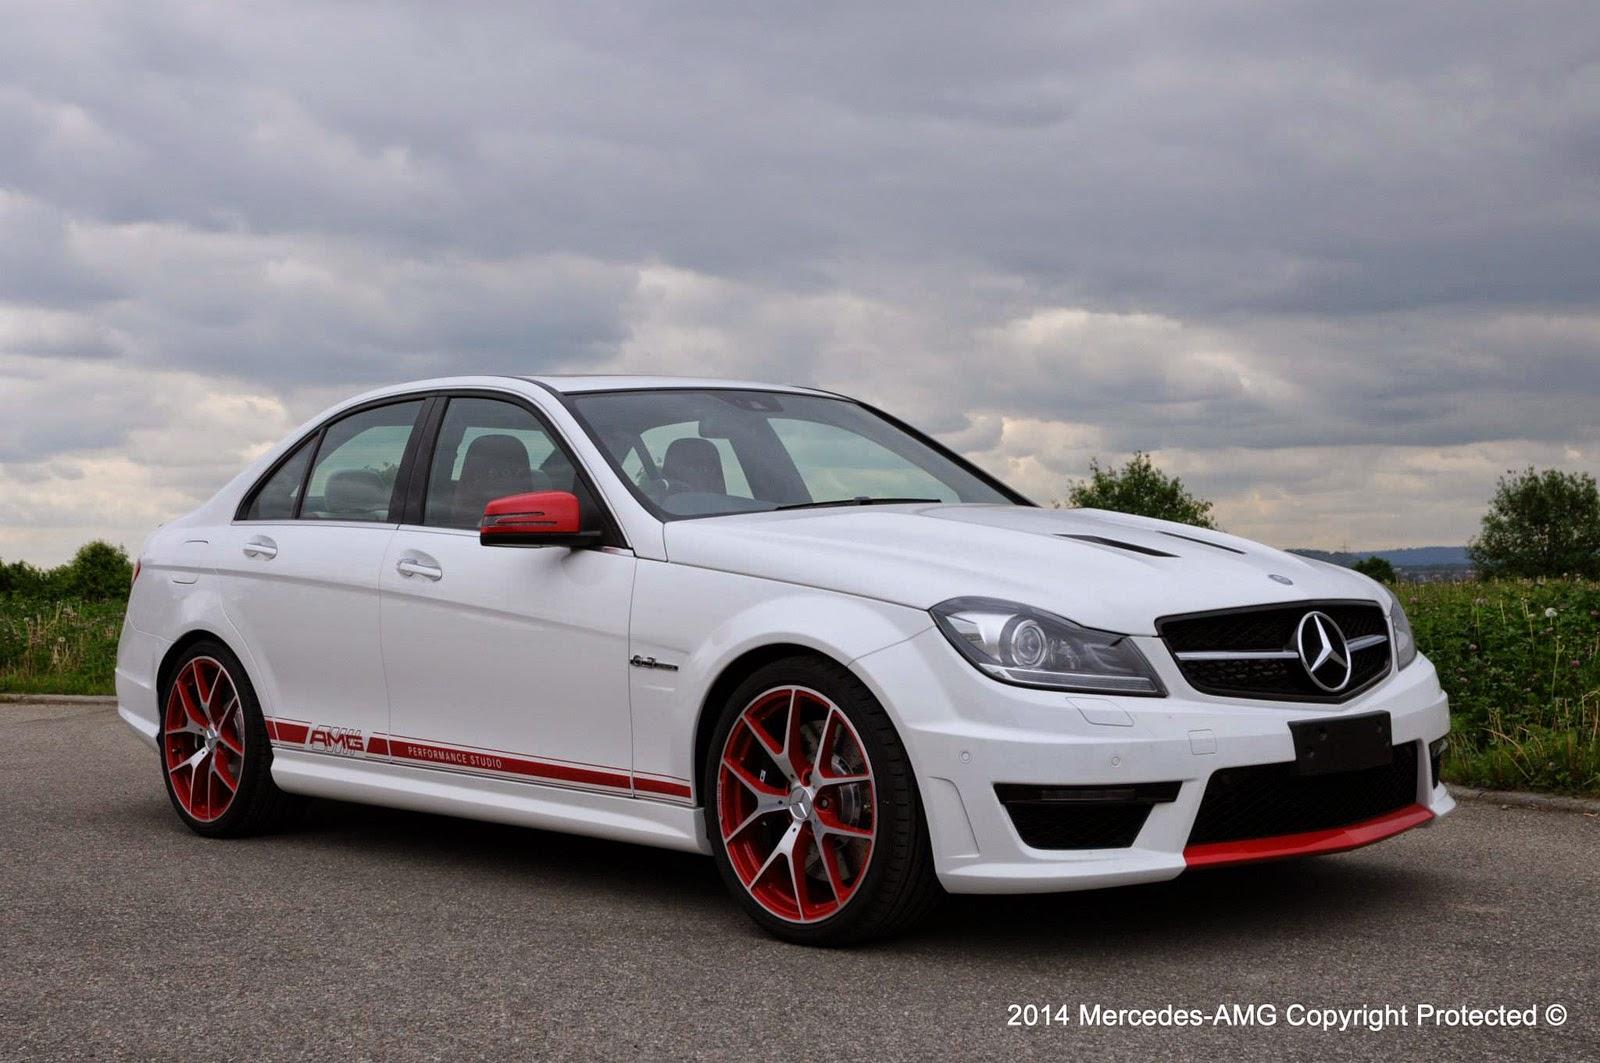 Mercedes Amg Performance Studio Create Unique C63 Amg